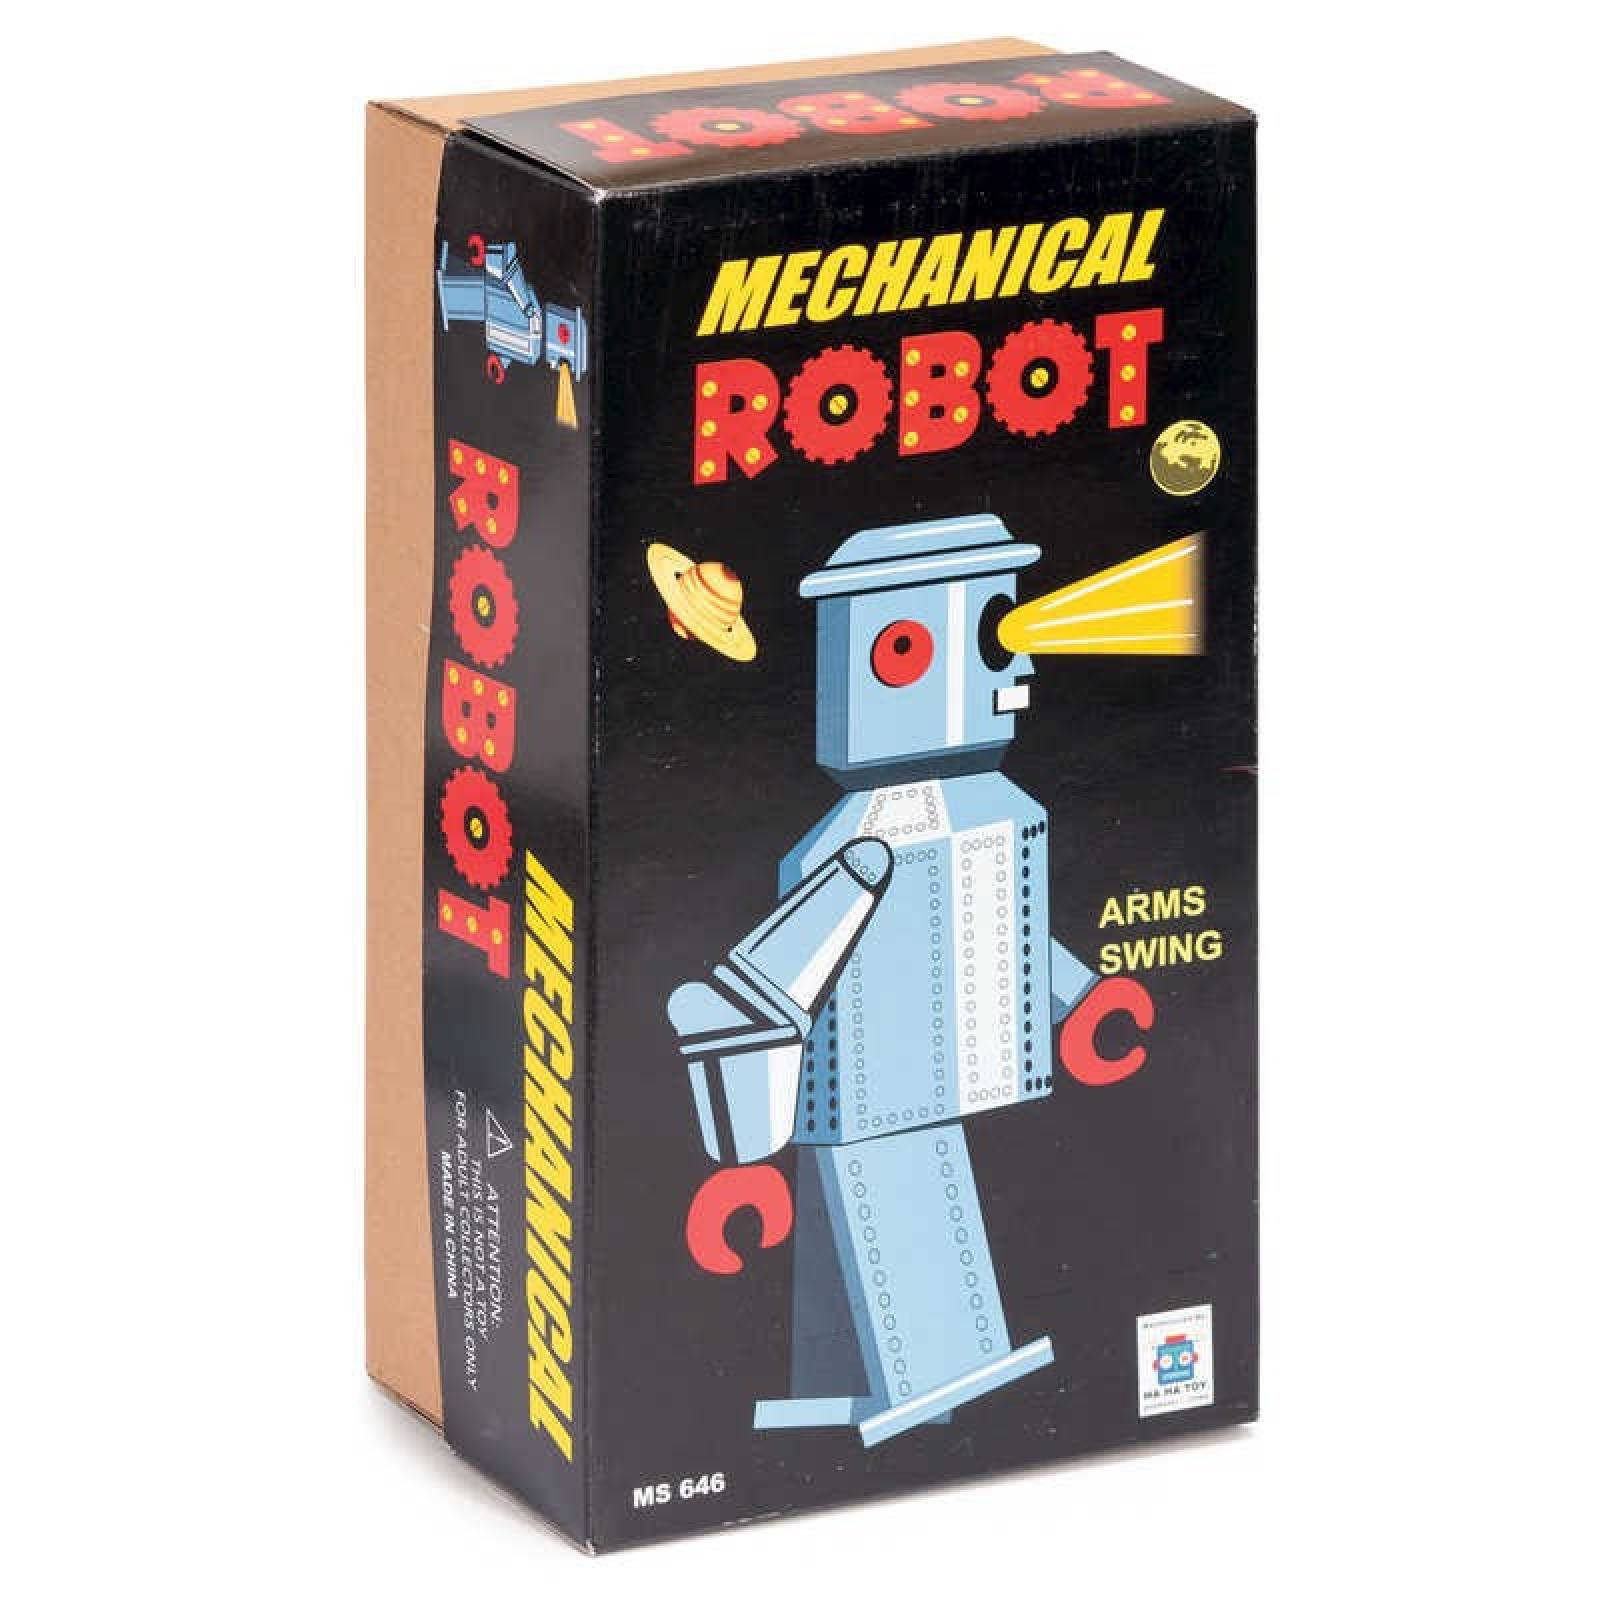 Mechanical Robot Tin Toy thumbnails